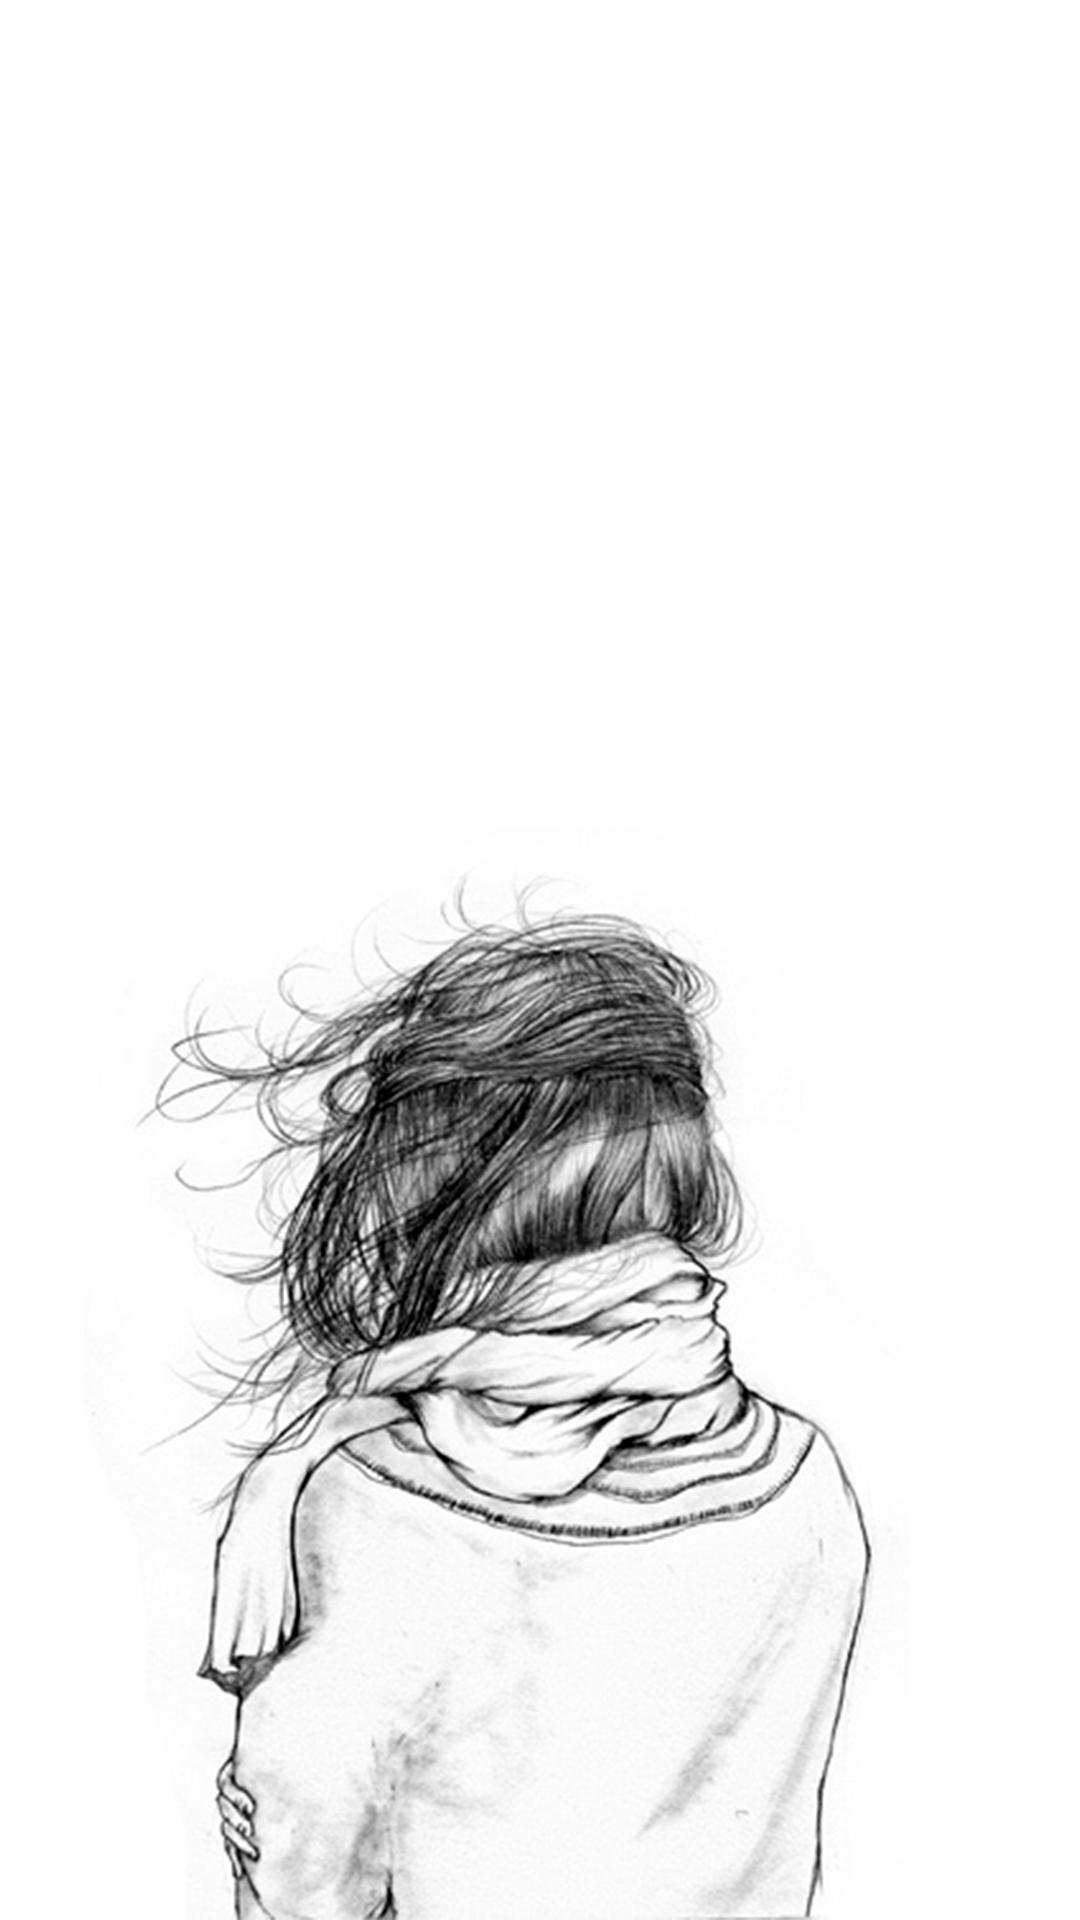 私の考えを自分に留めて 女の子iphone壁紙tumblr 225x400 Wallpapertip